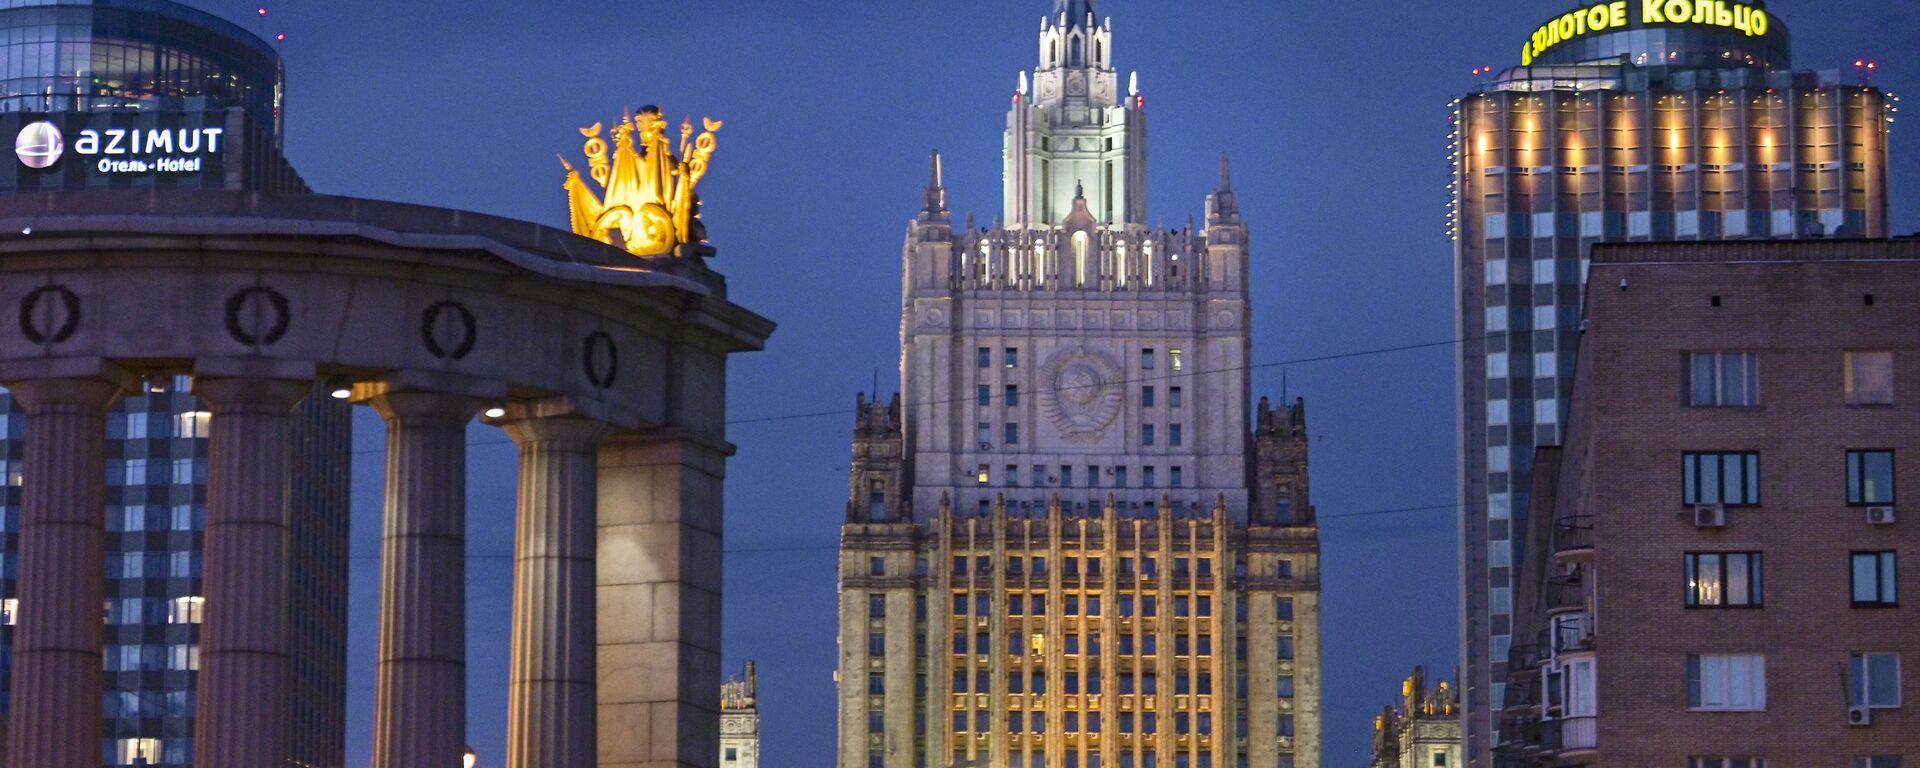 Ruské ministerstvo zahraničí  - Sputnik Česká republika, 1920, 24.02.2021